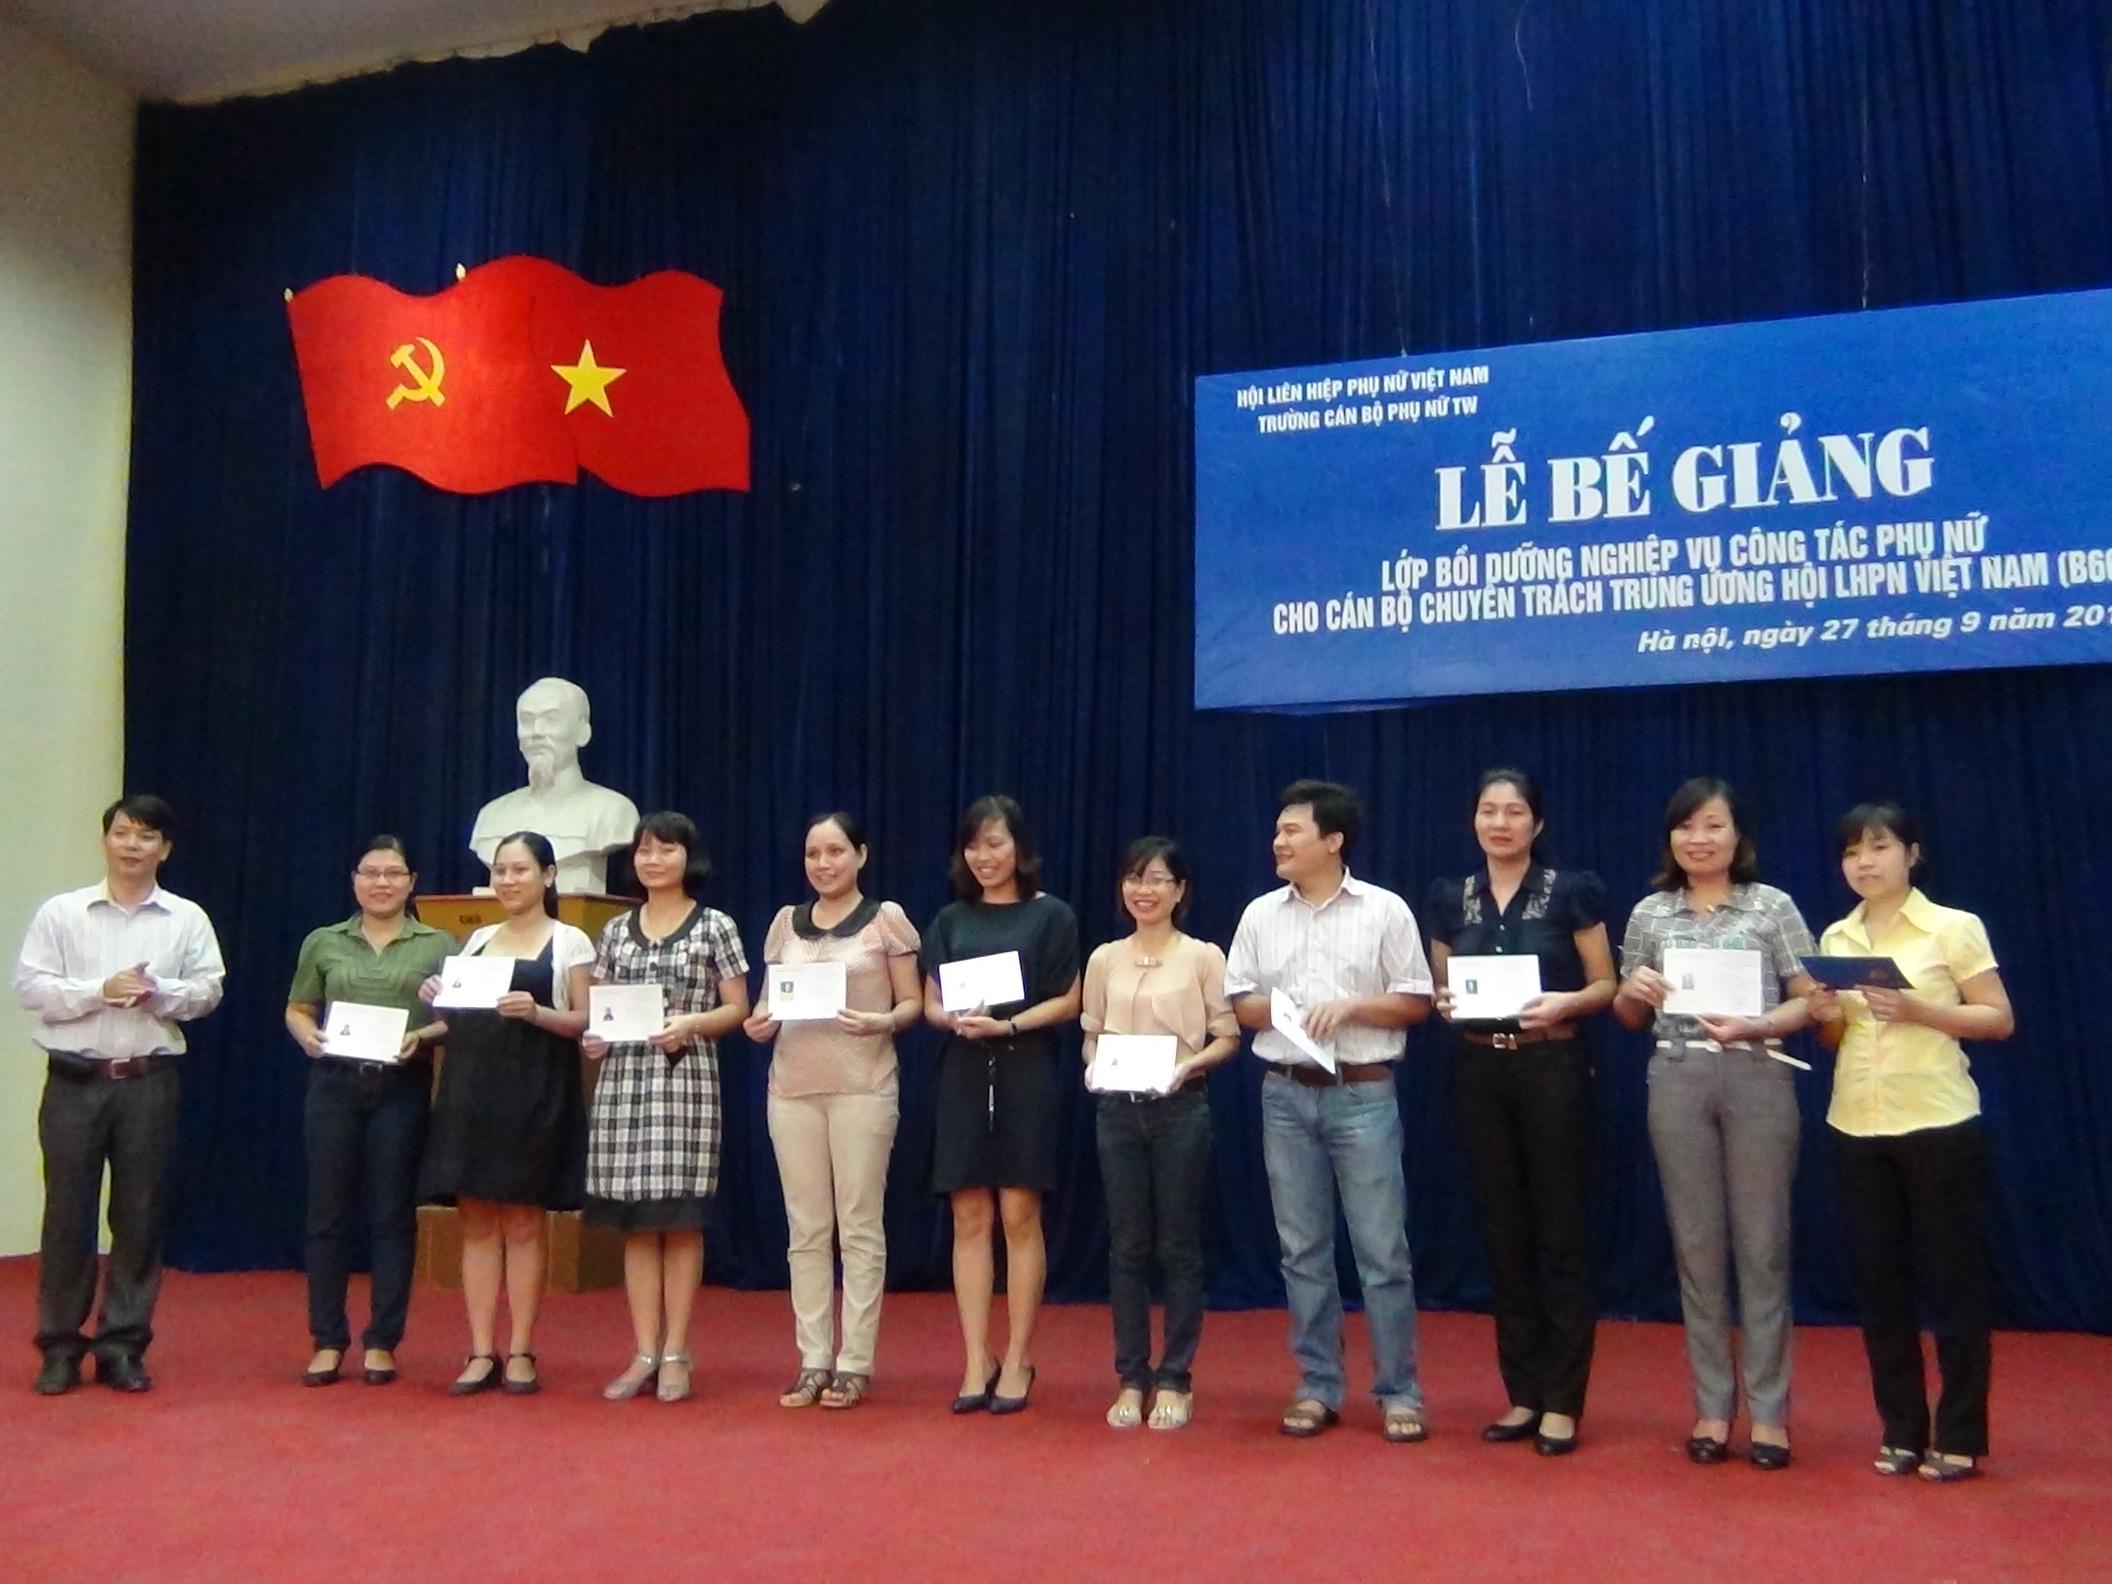 Lễ Bế giảng lớp Bồi dưỡng nghiệp vụ Công tác Phụ nữ dành cho cán bộ chuyên trách Trung ương Hội LHPN Việt Nam